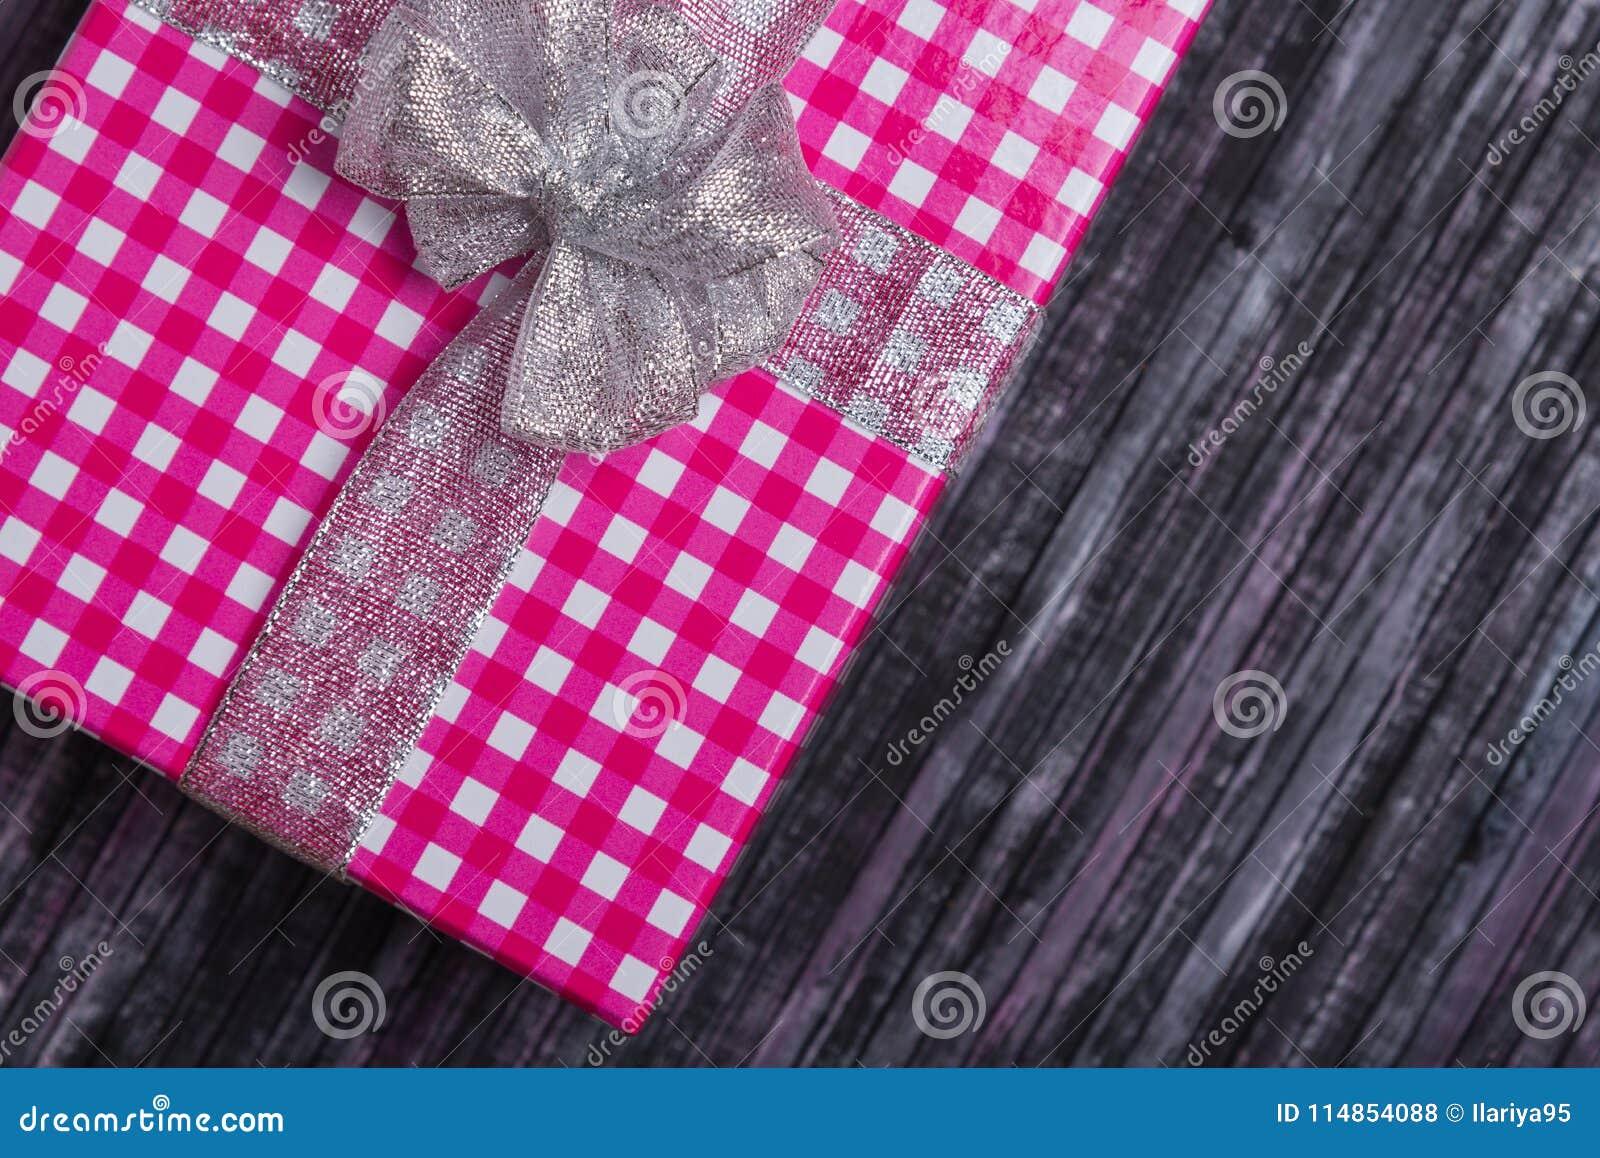 Cadre De Cadeau Un Cadeau Pour Mon épouse Un Cadeau Pour Aimé